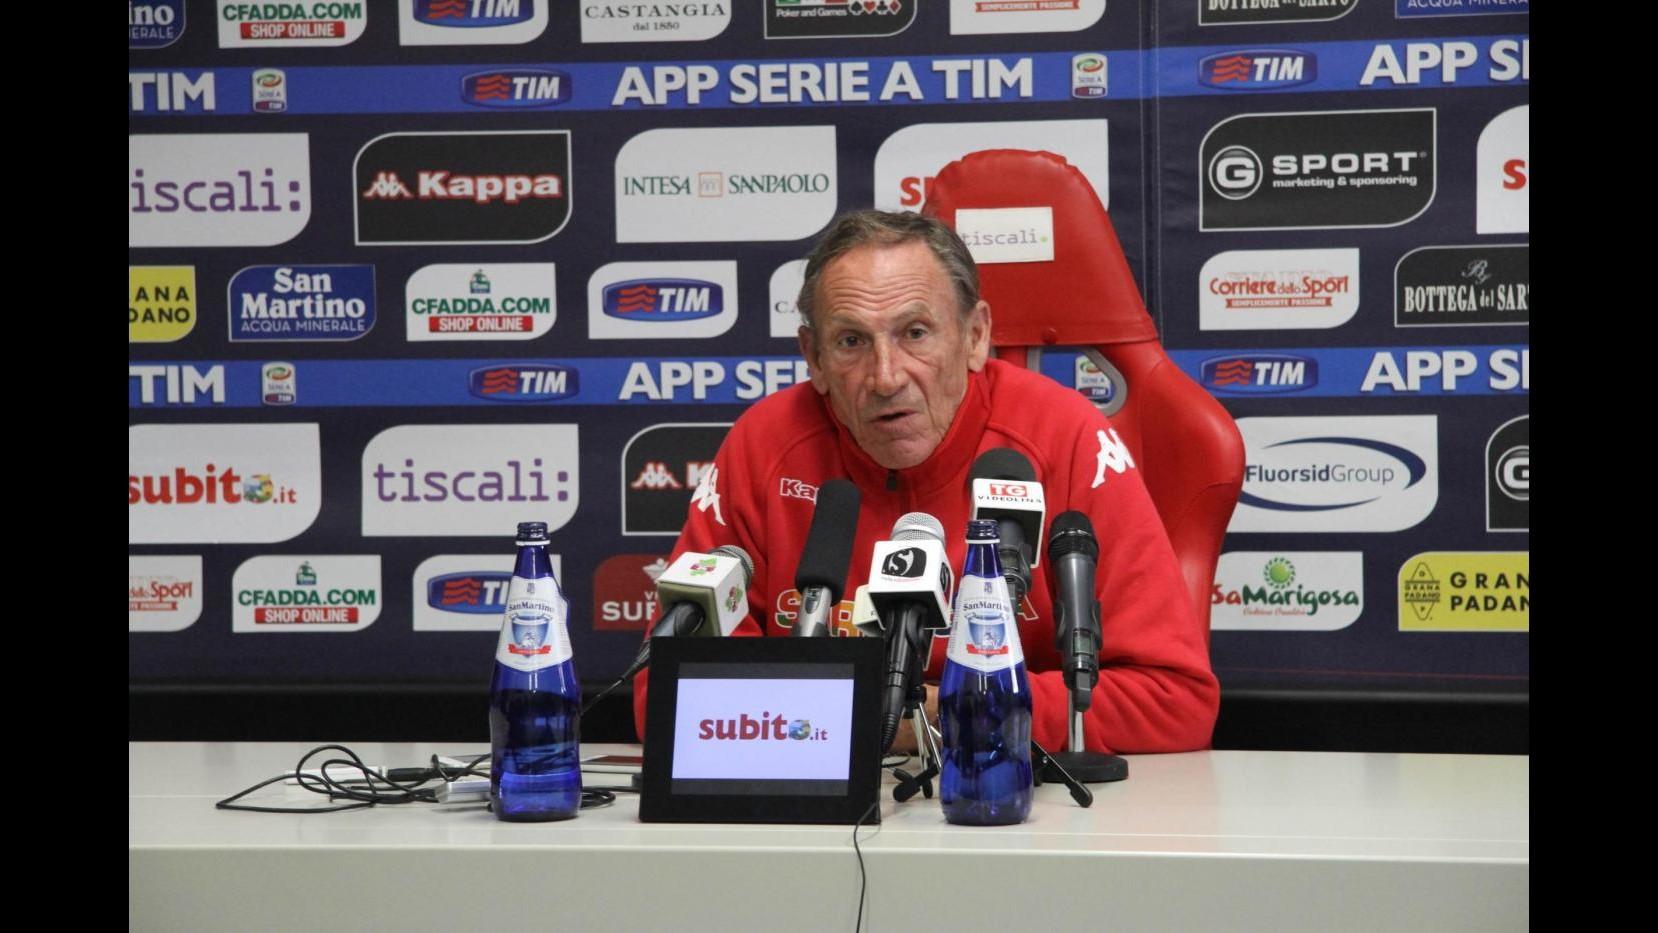 Calcio, Zeman carica Cagliari: Concentrazione e motivazione contro Lazio